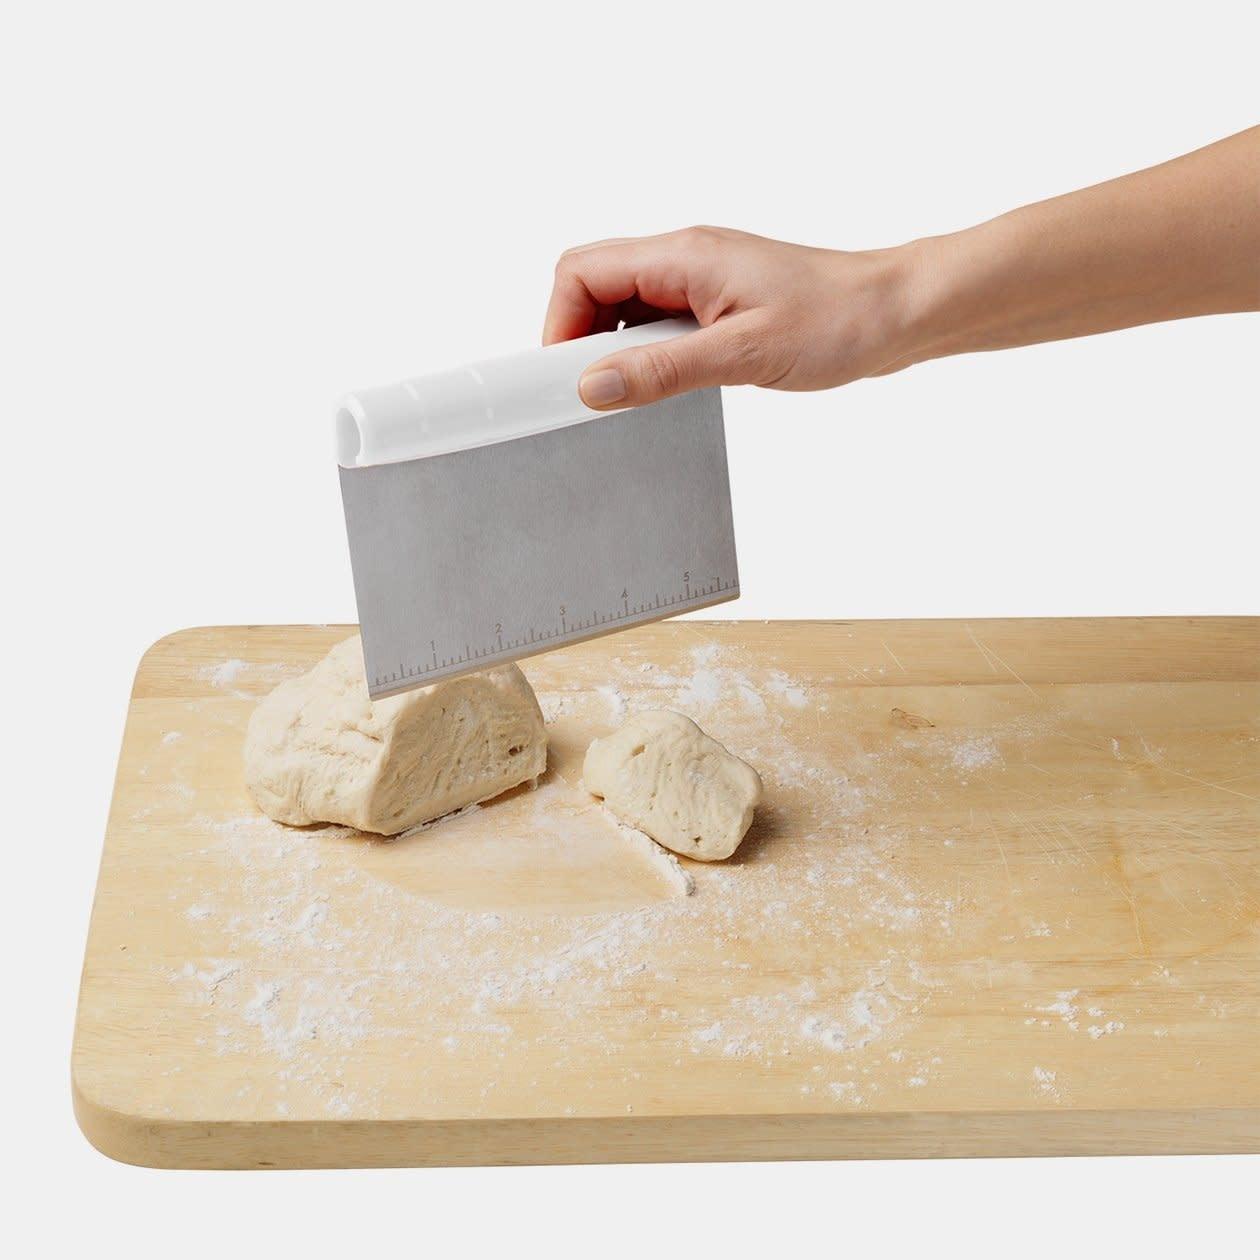 Chefn Pastrio 3-in-1 Bench Scraper Set